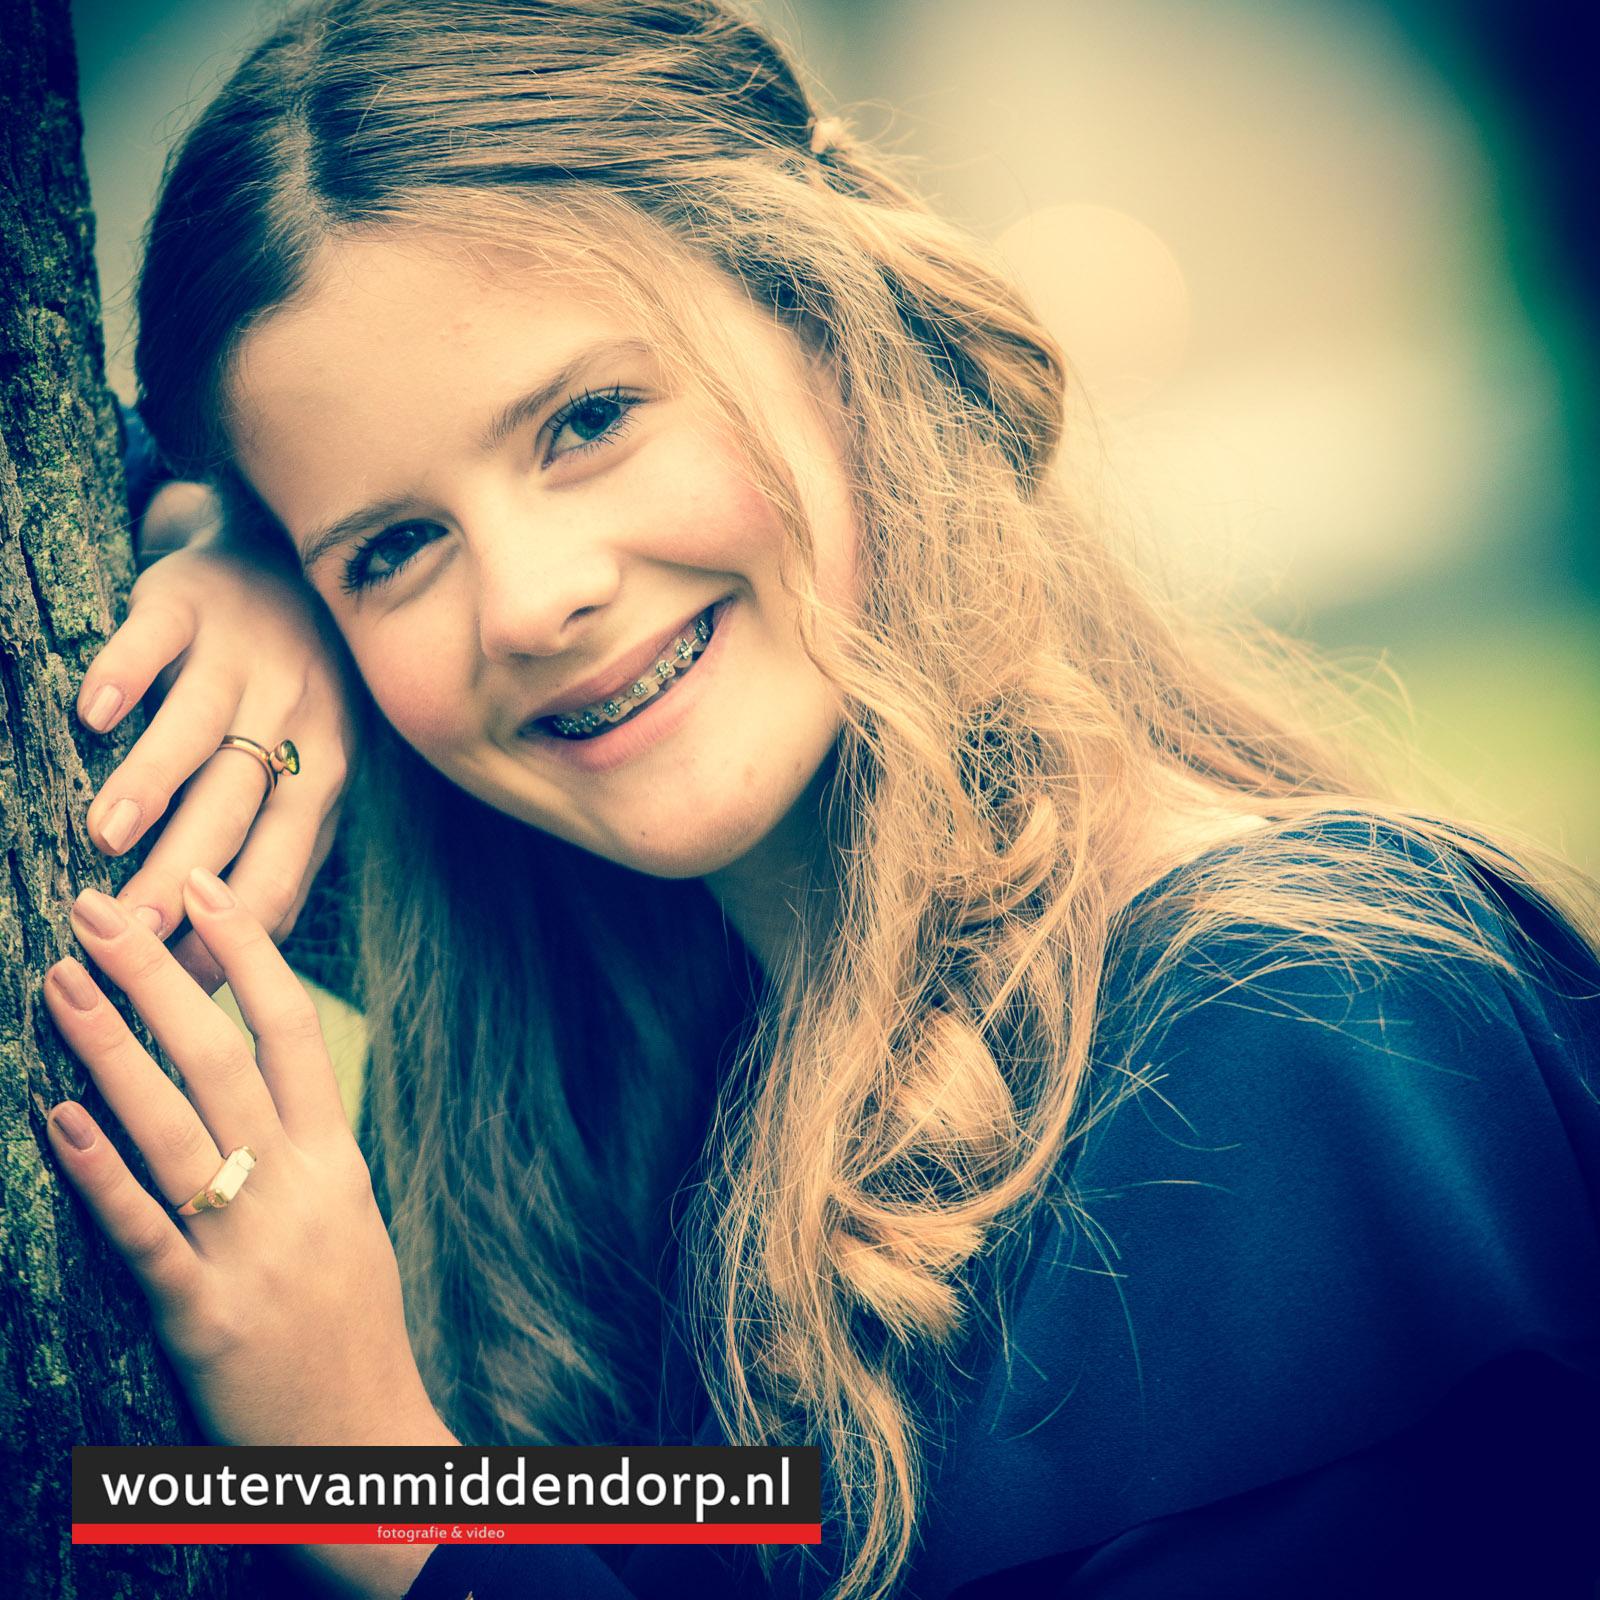 portretfotografie-wouter-van-middendorp-foto-en-video-uddel-94